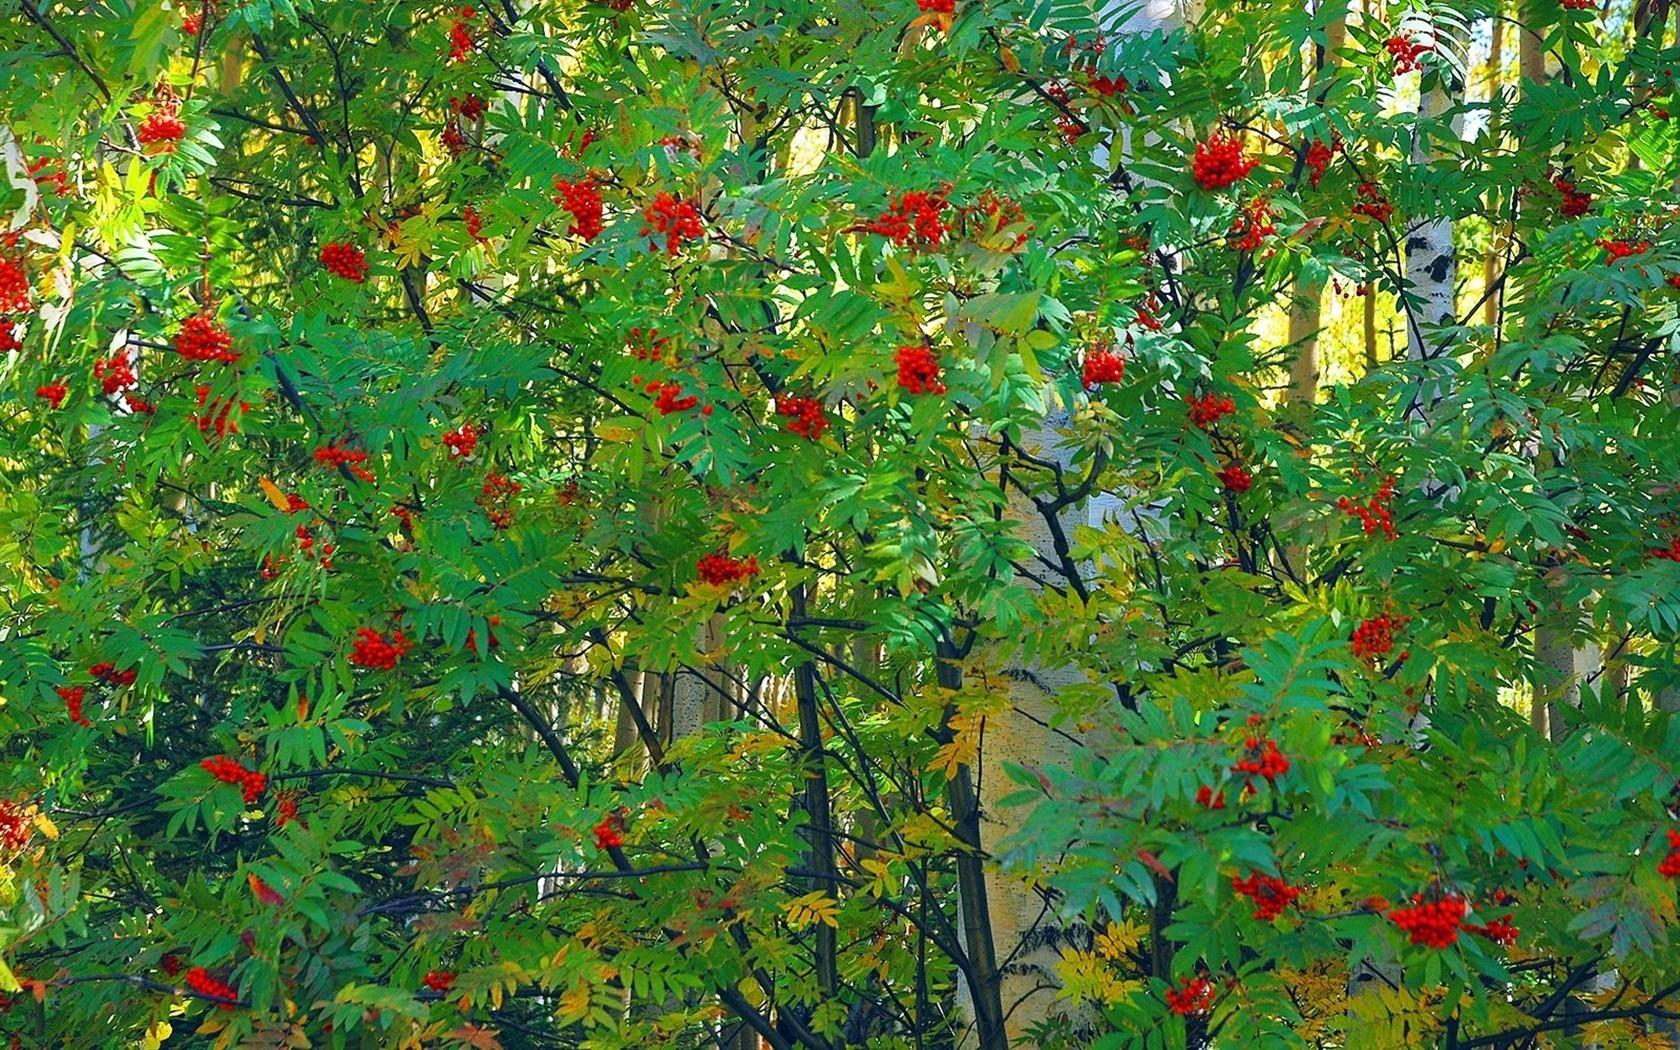 питания картинки фото деревья кустарники такой зубик